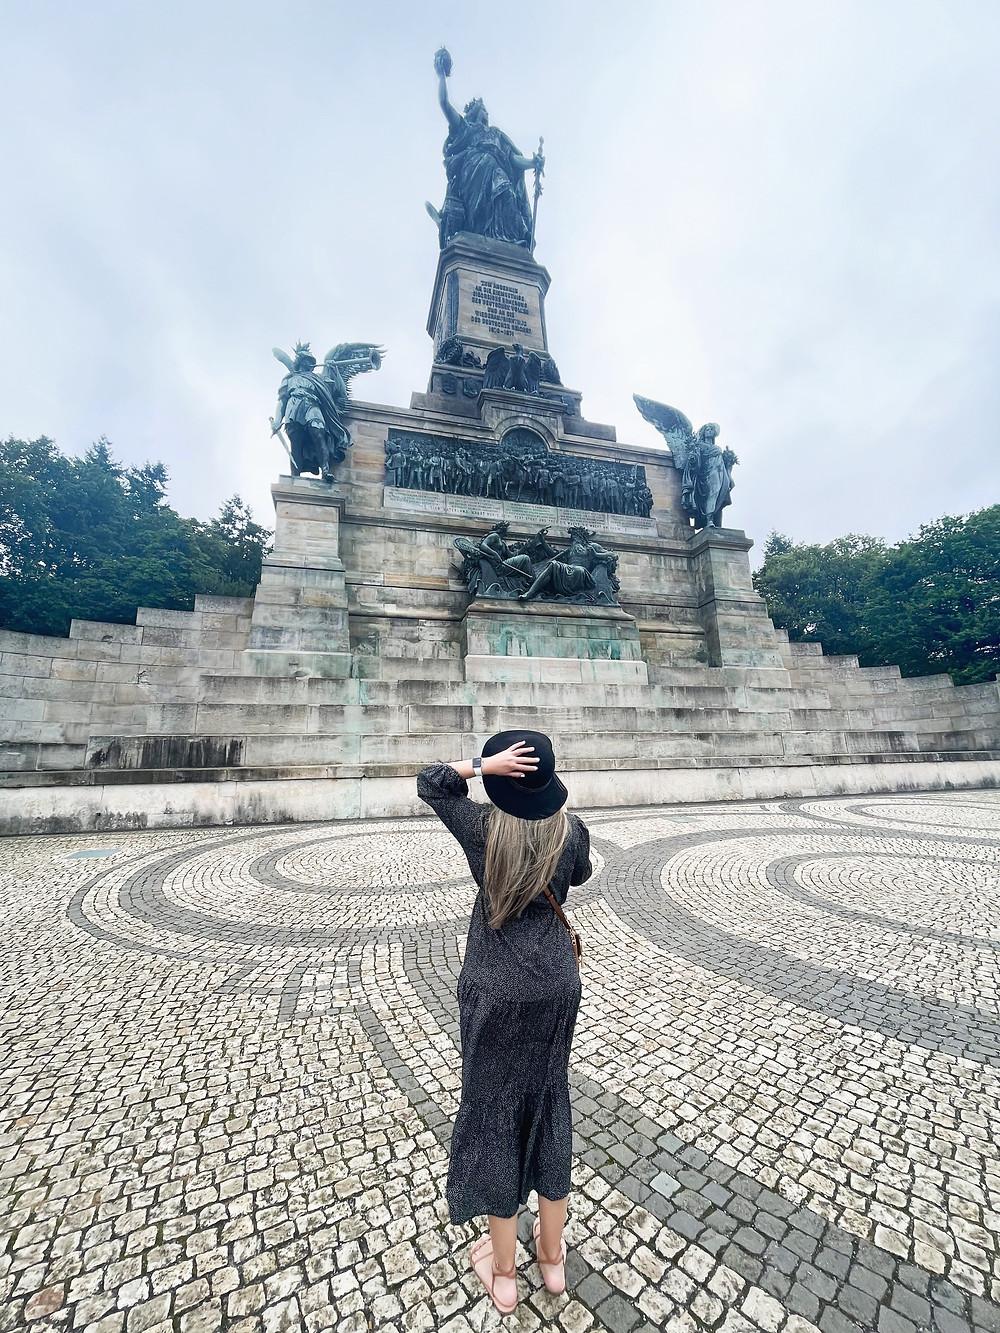 Monumento histórico, Niederwalddenkmal.